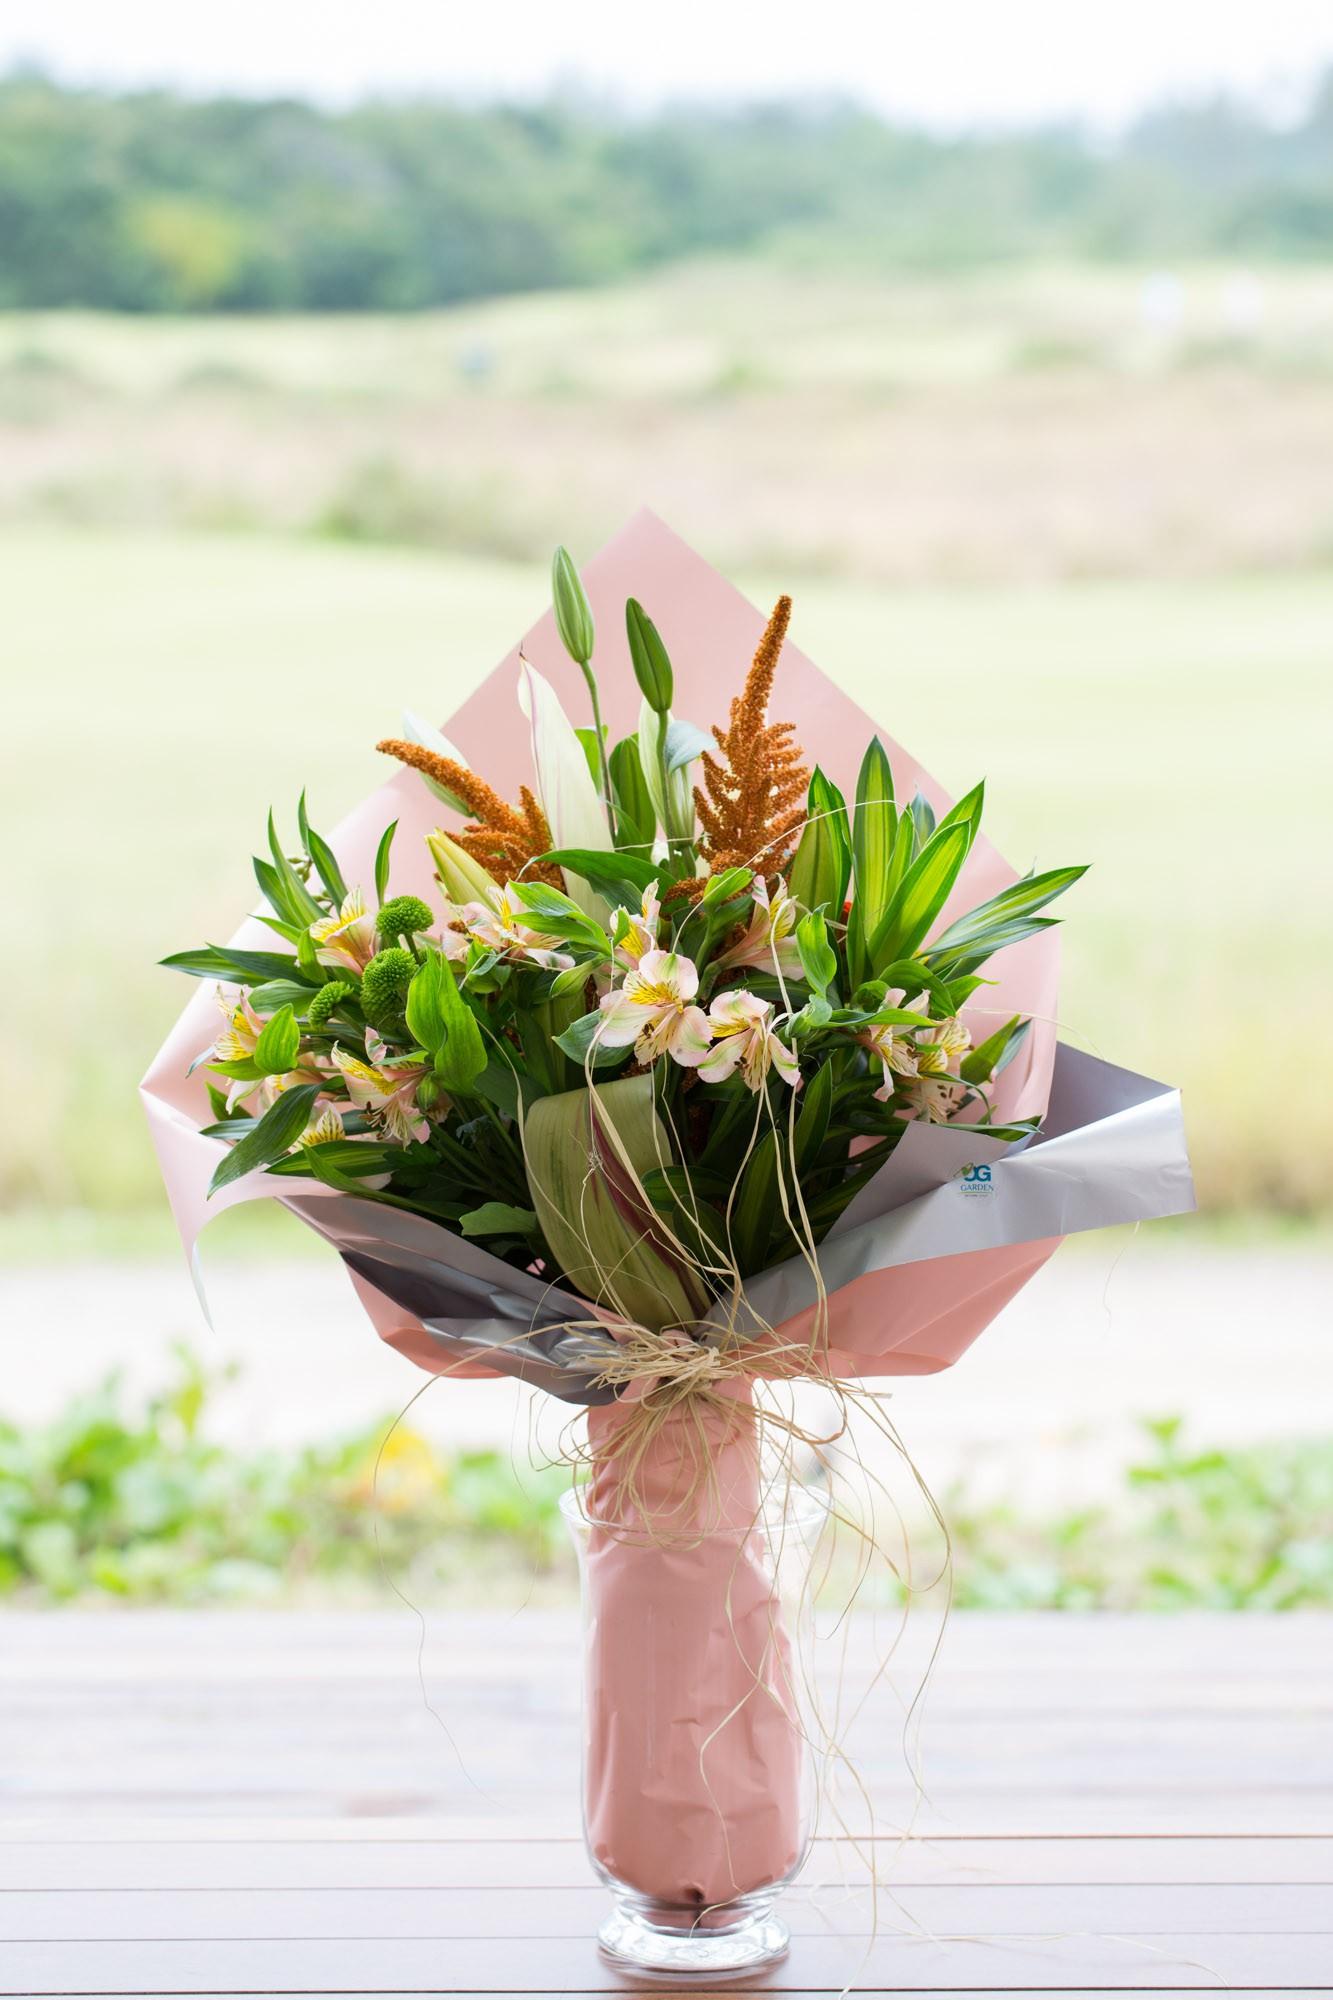 Bouquet de Lírios e Alstroemeria